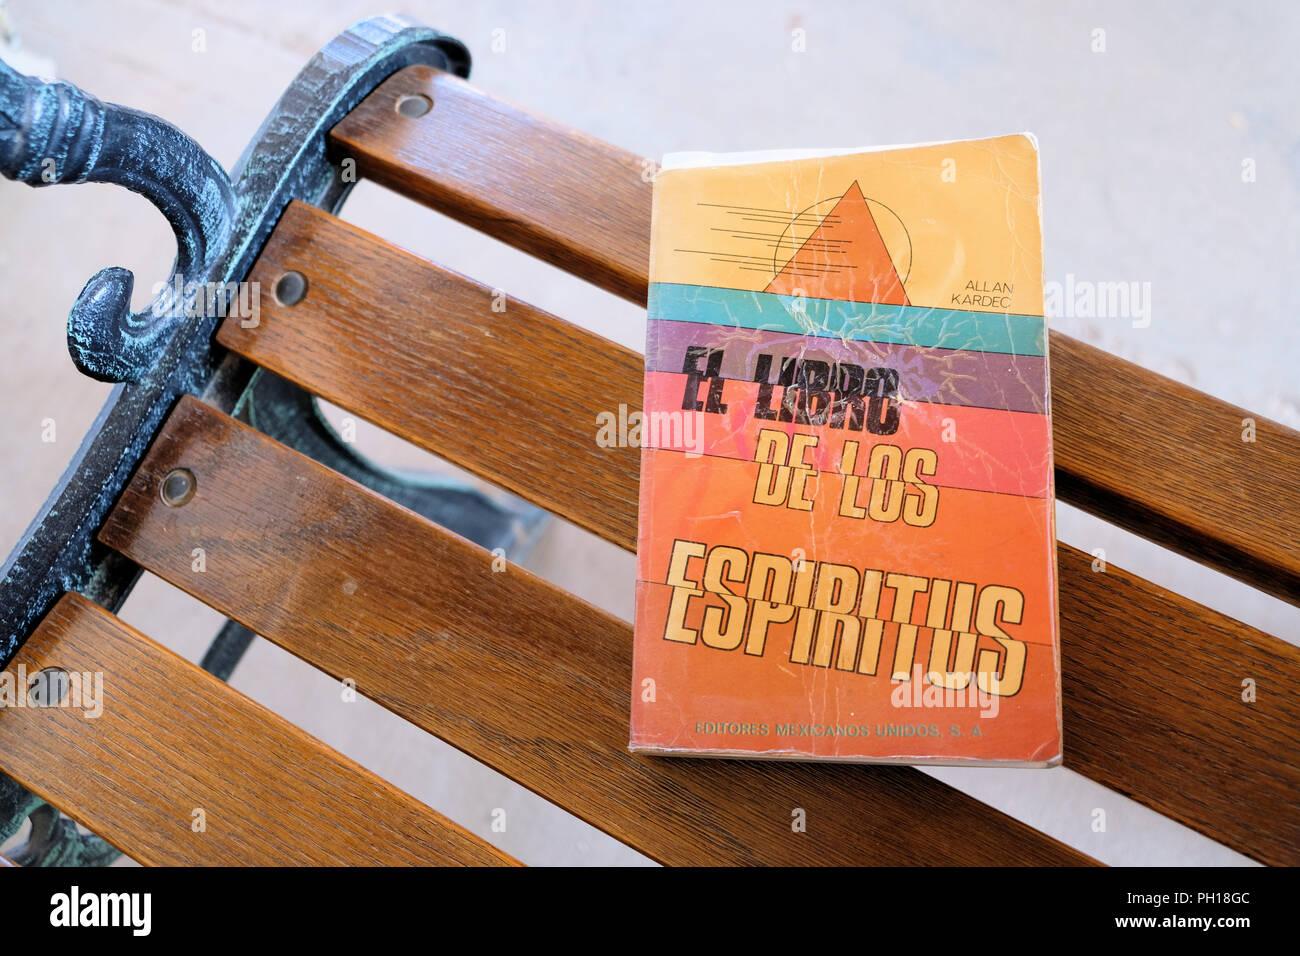 Versione spagnola di Allan Kardec di spiriti' libro pubblicato da Editores Mexicanos Unidos nel 1990 come El Libro de los Espíritus. Immagini Stock